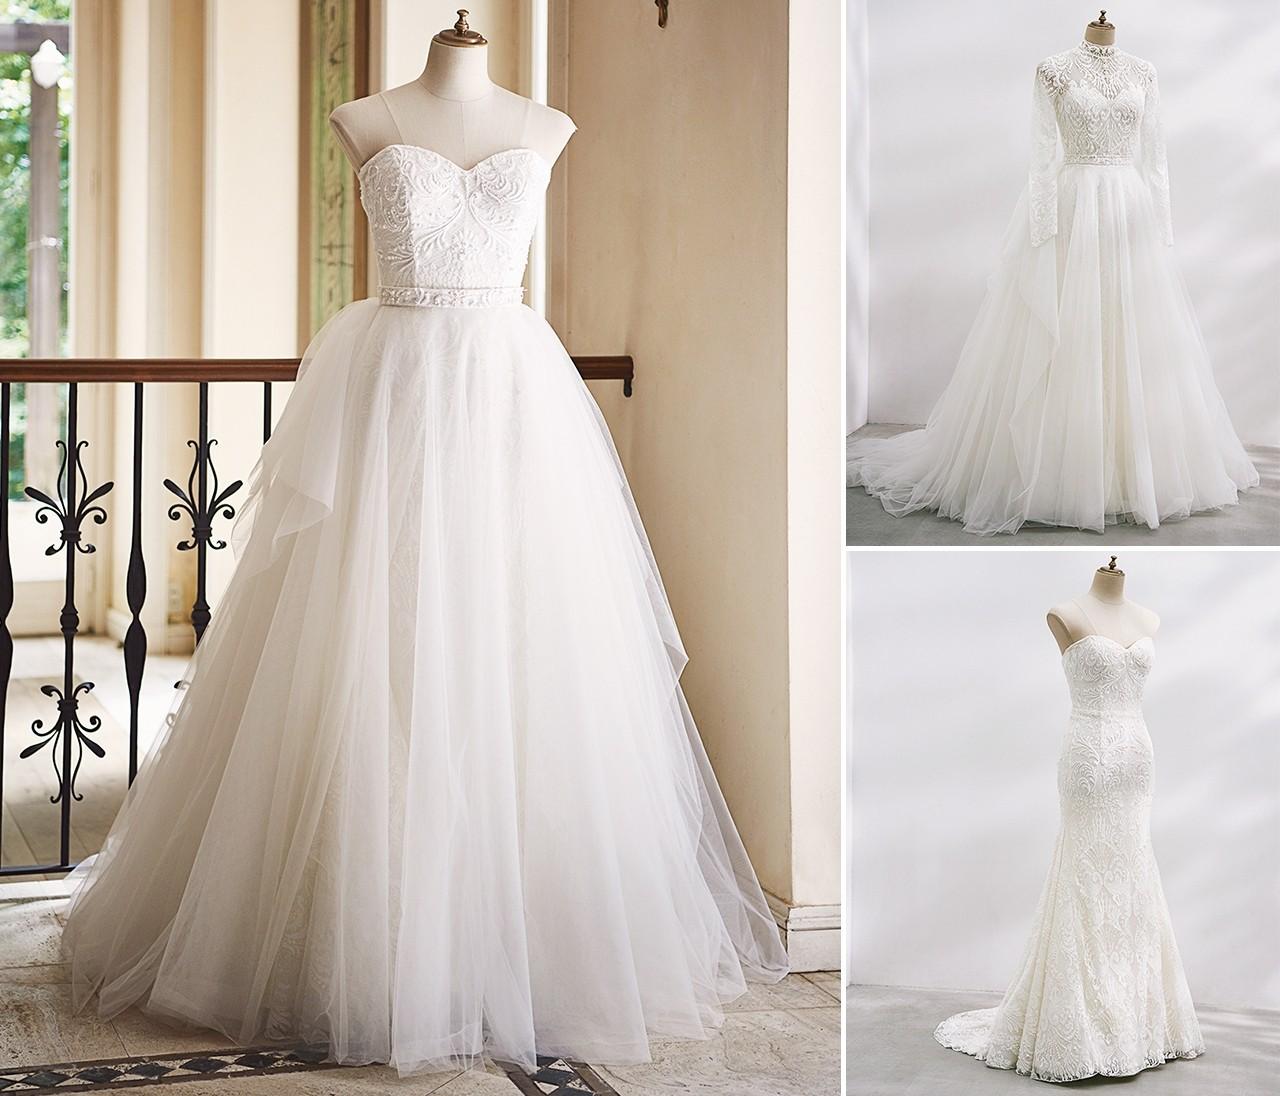 【30代花嫁のためのウェディングドレス】6つのトレンドニュース